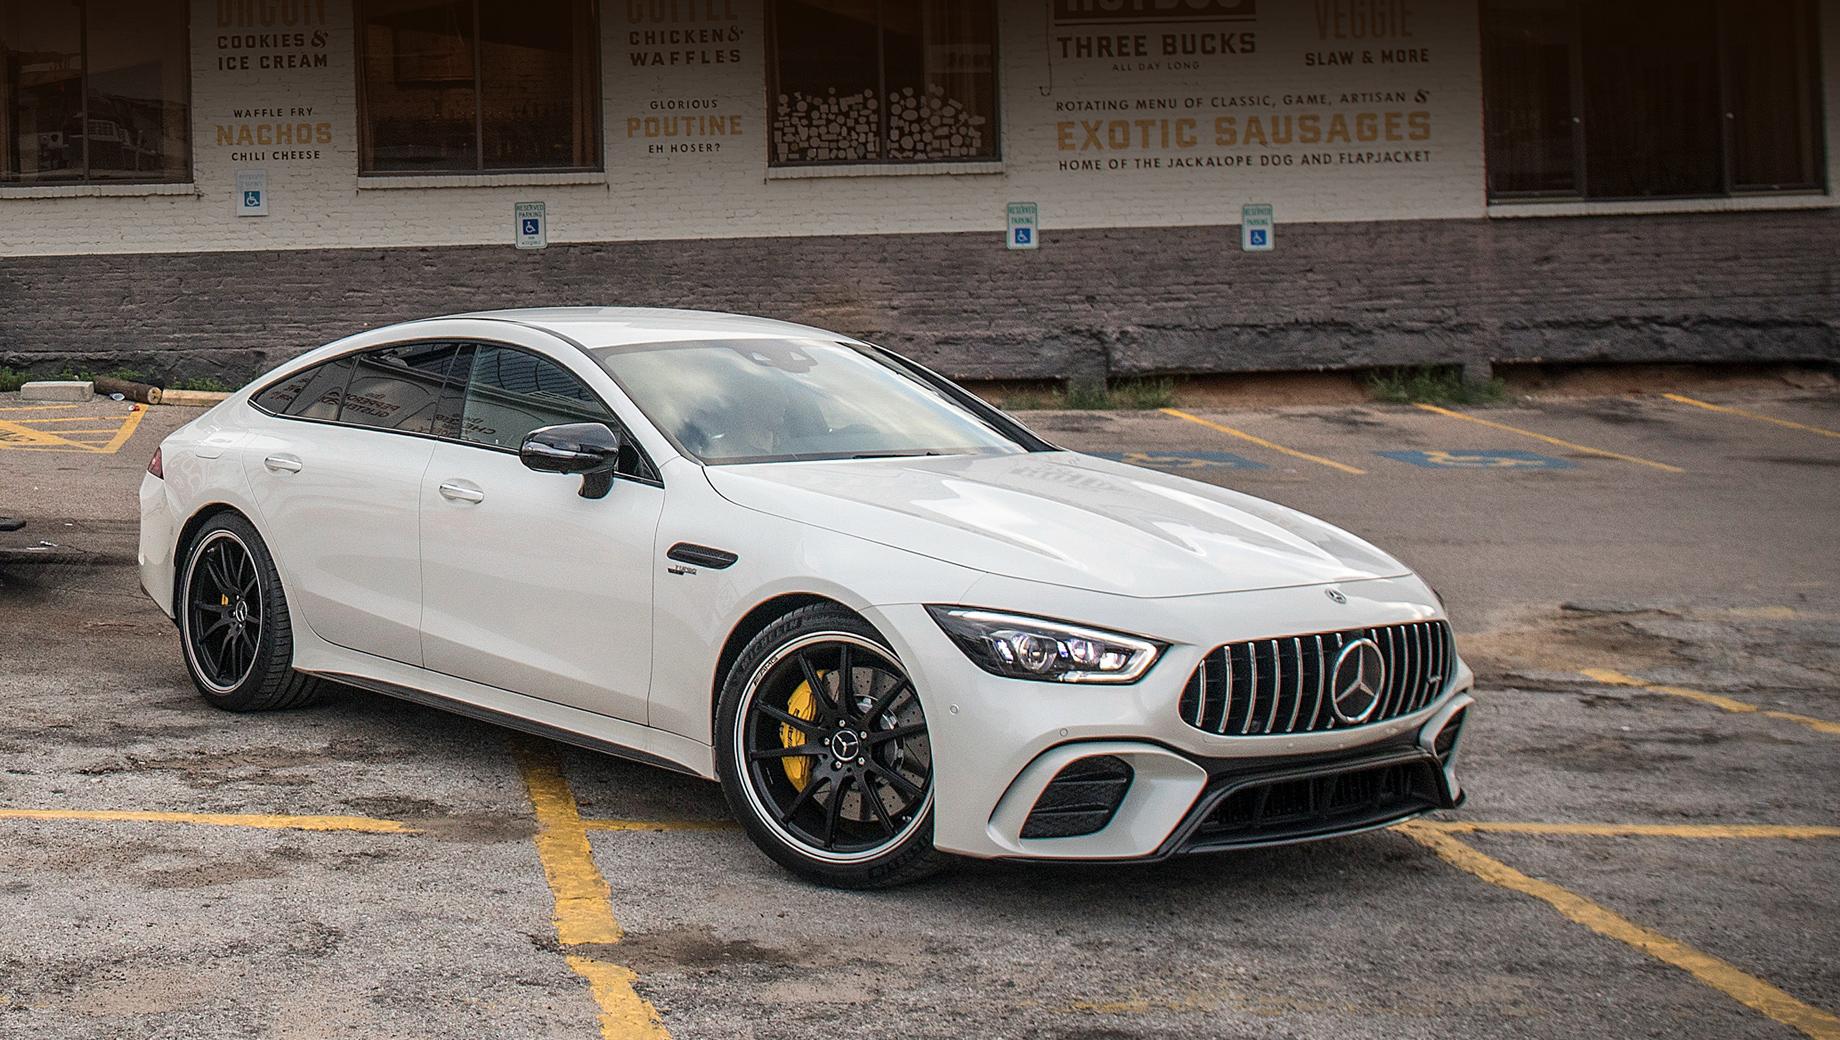 Mercedes amg gt,Mercedes gle,Mercedes gls. Список кодов VIN Мерседесов AMG GT, попавших под отзыв, вы можете скачать со страницы Росстандарта.